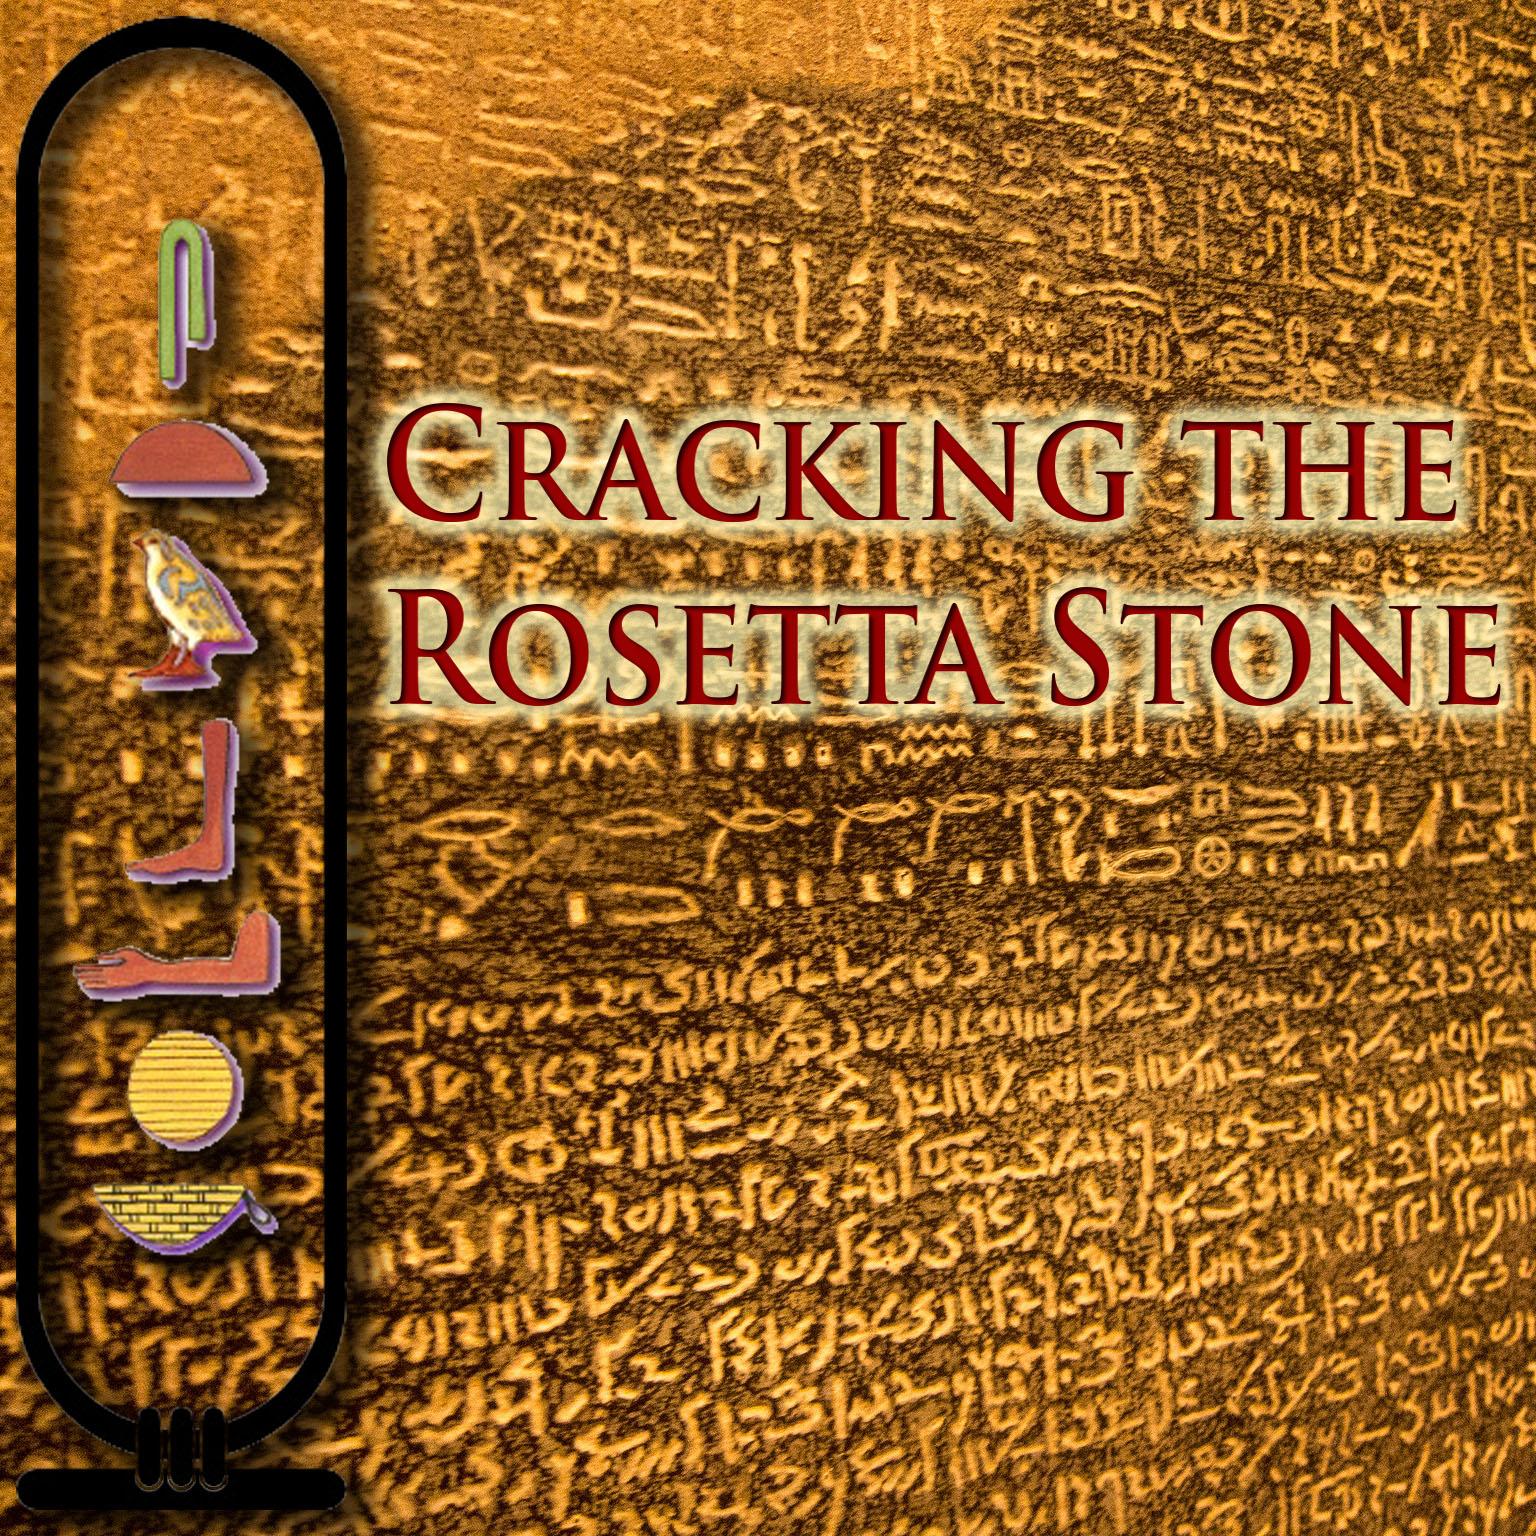 Artwork for Cracking the Rosetta Stone